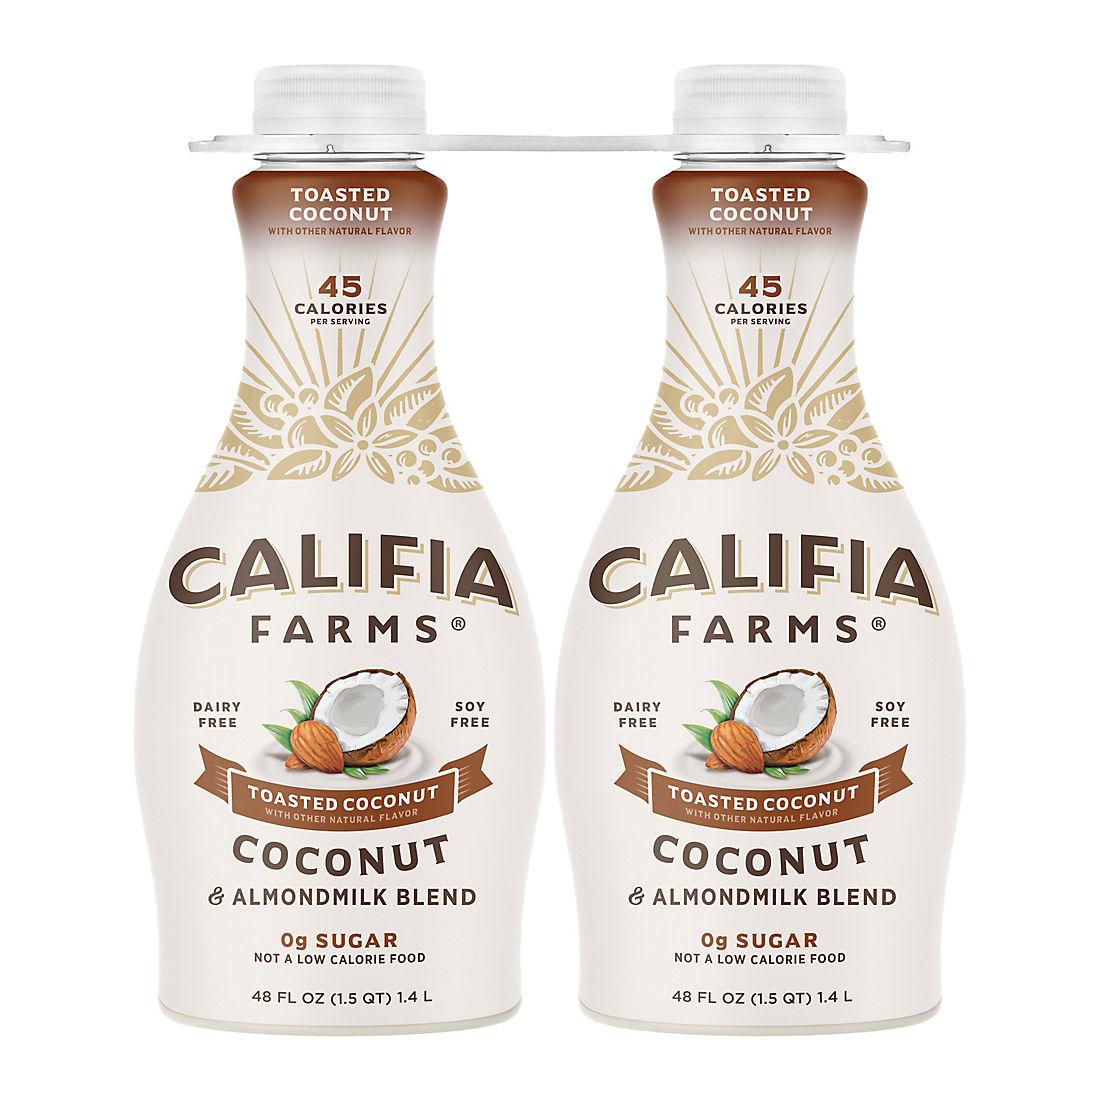 Califia Farms Toasted Coconut Almond